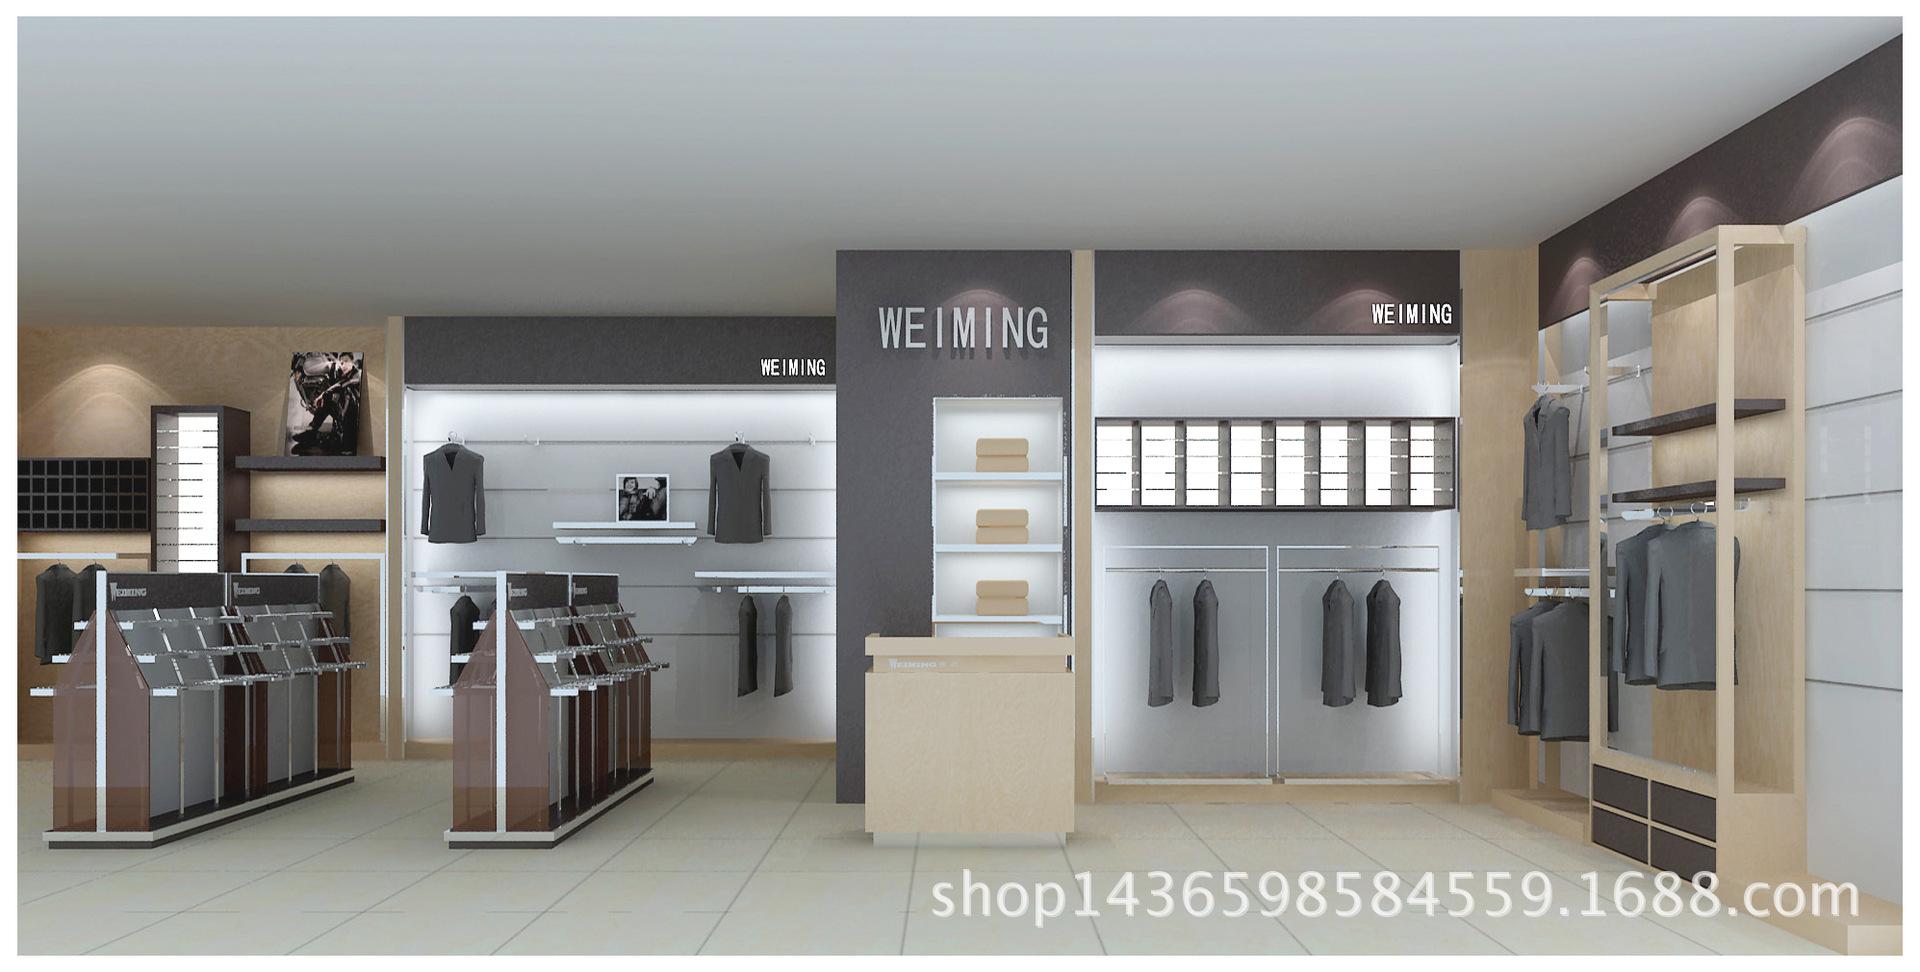 长期销售 高档 服装展柜 商场展示柜台 工厂 货柜定做 低价